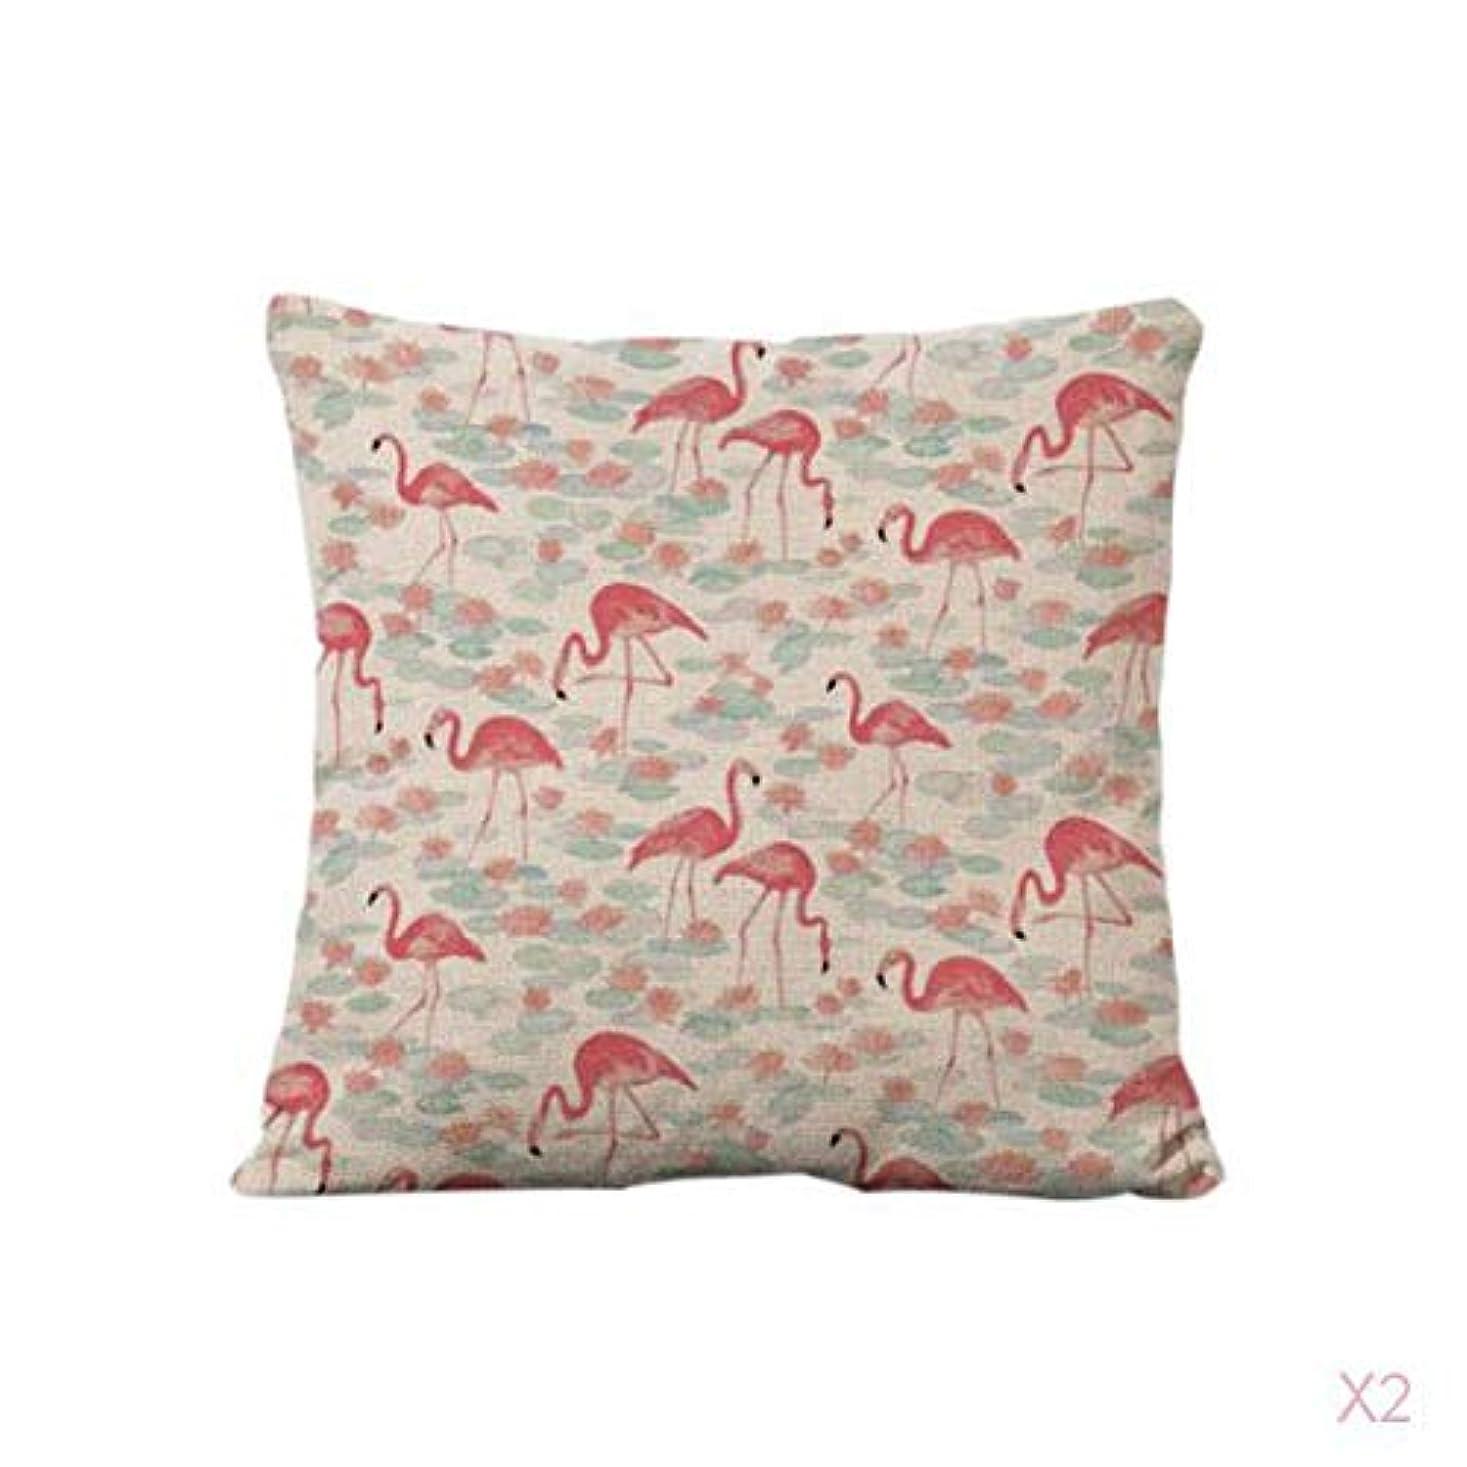 頬影響力のある興味FutuHome コットンリネンスロー枕カバークッションカバーソファ家の装飾フラミンゴ#2